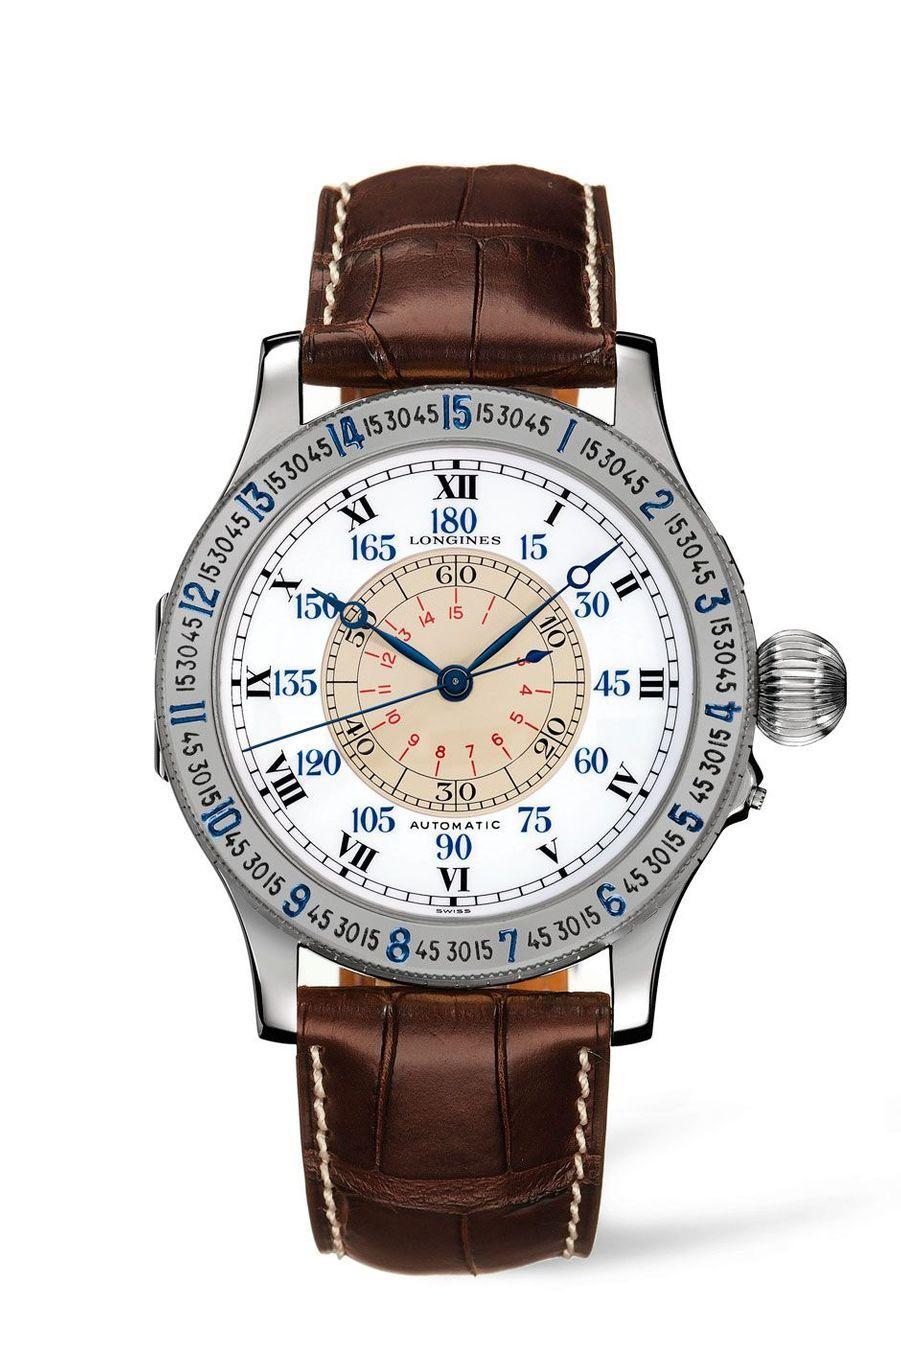 Montre Lindbergh Angle Horaire. Boîte en acier, 47, 5 mm de diamètre, mouvement automatique, bracelet en alligator. 4 200 €. Longines.